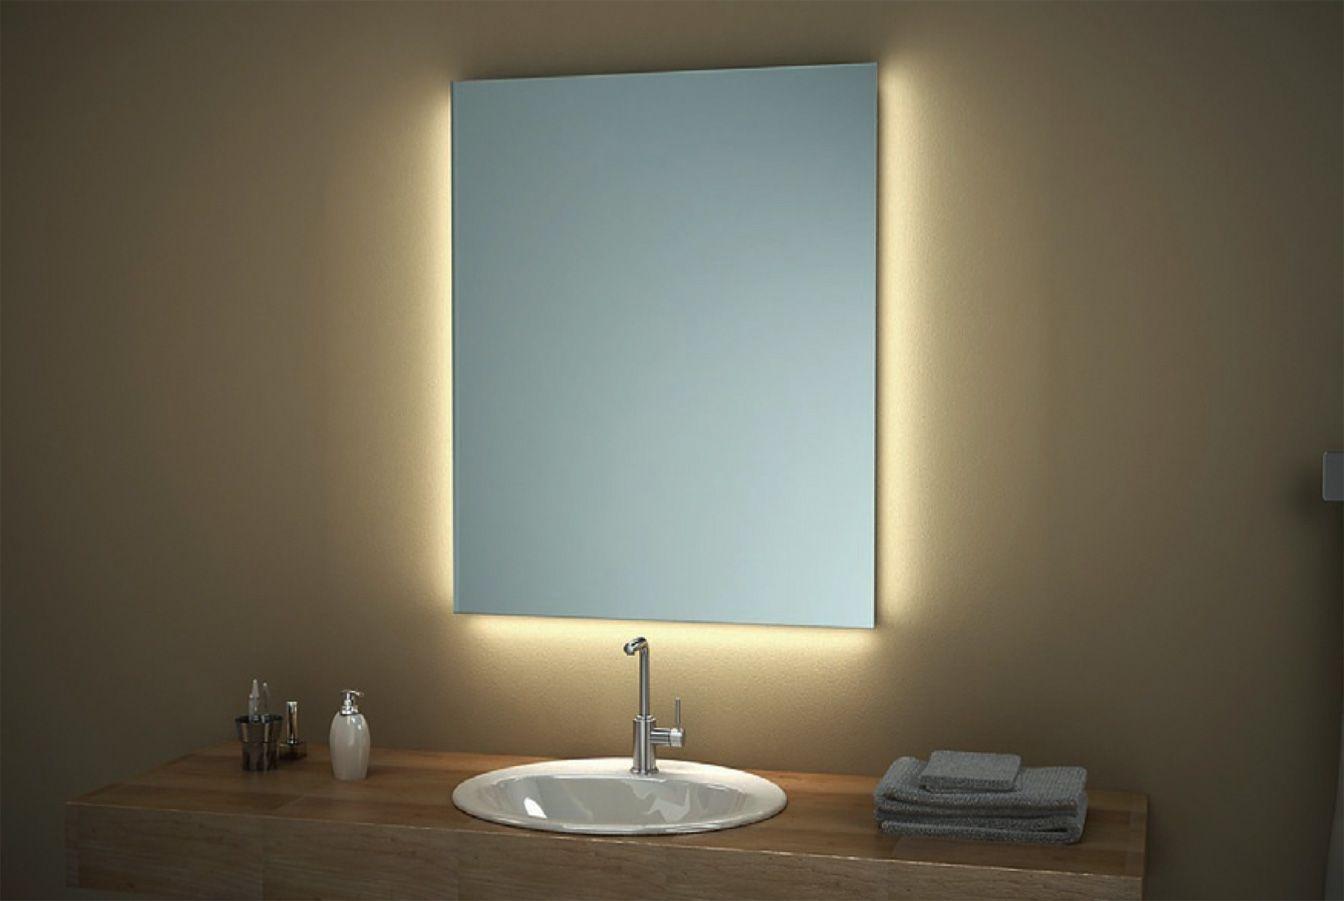 Speglar med belysning - Eurobad